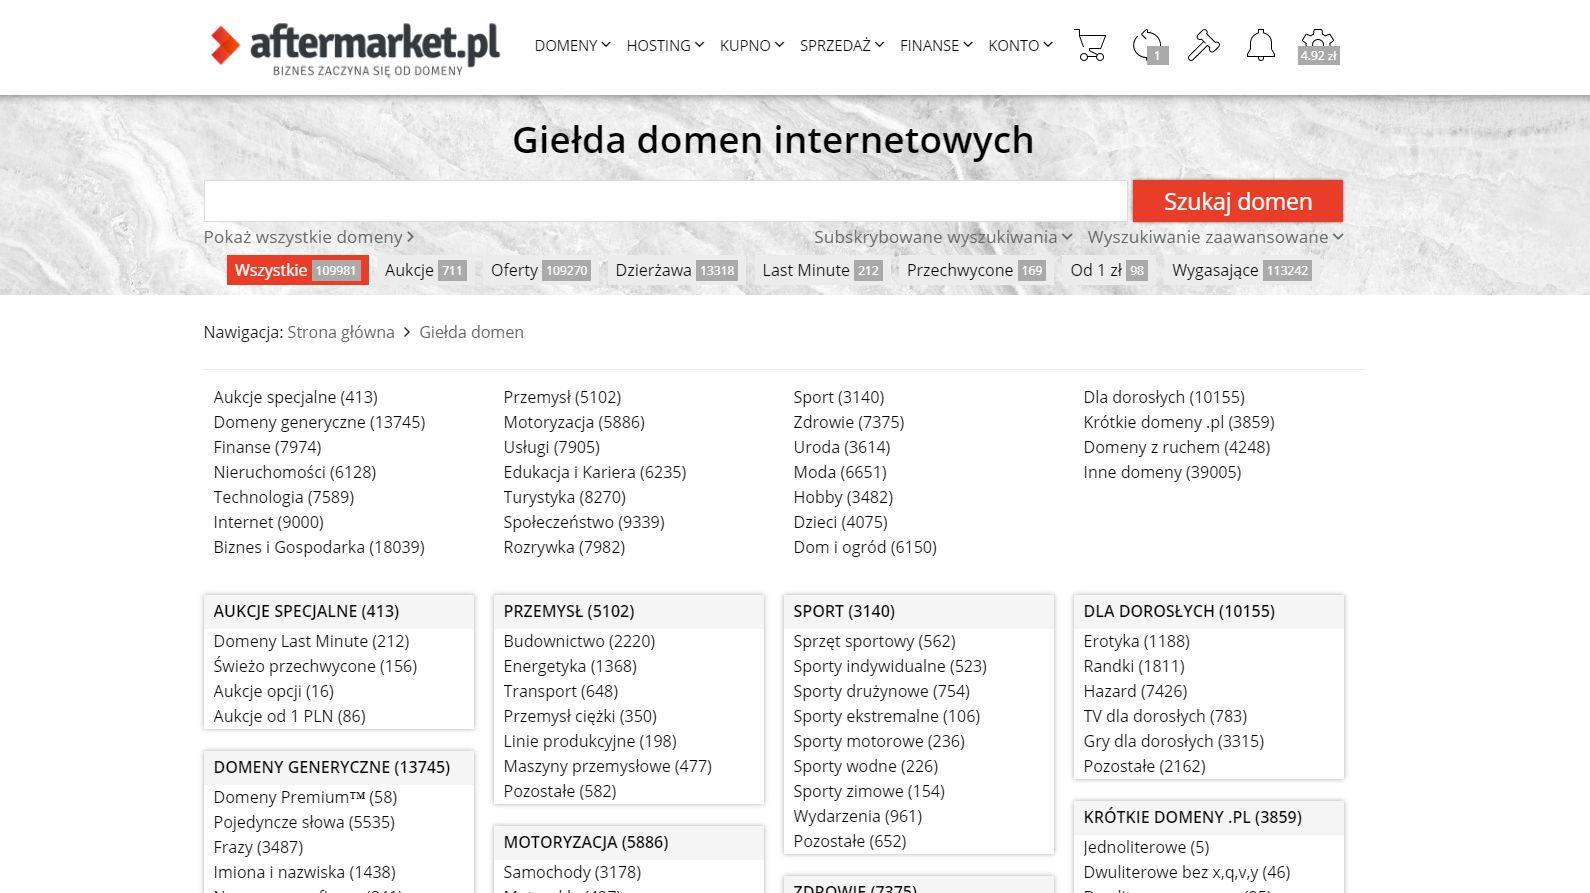 Jak inwestować w domeny internetowe - giełda AfterMarket